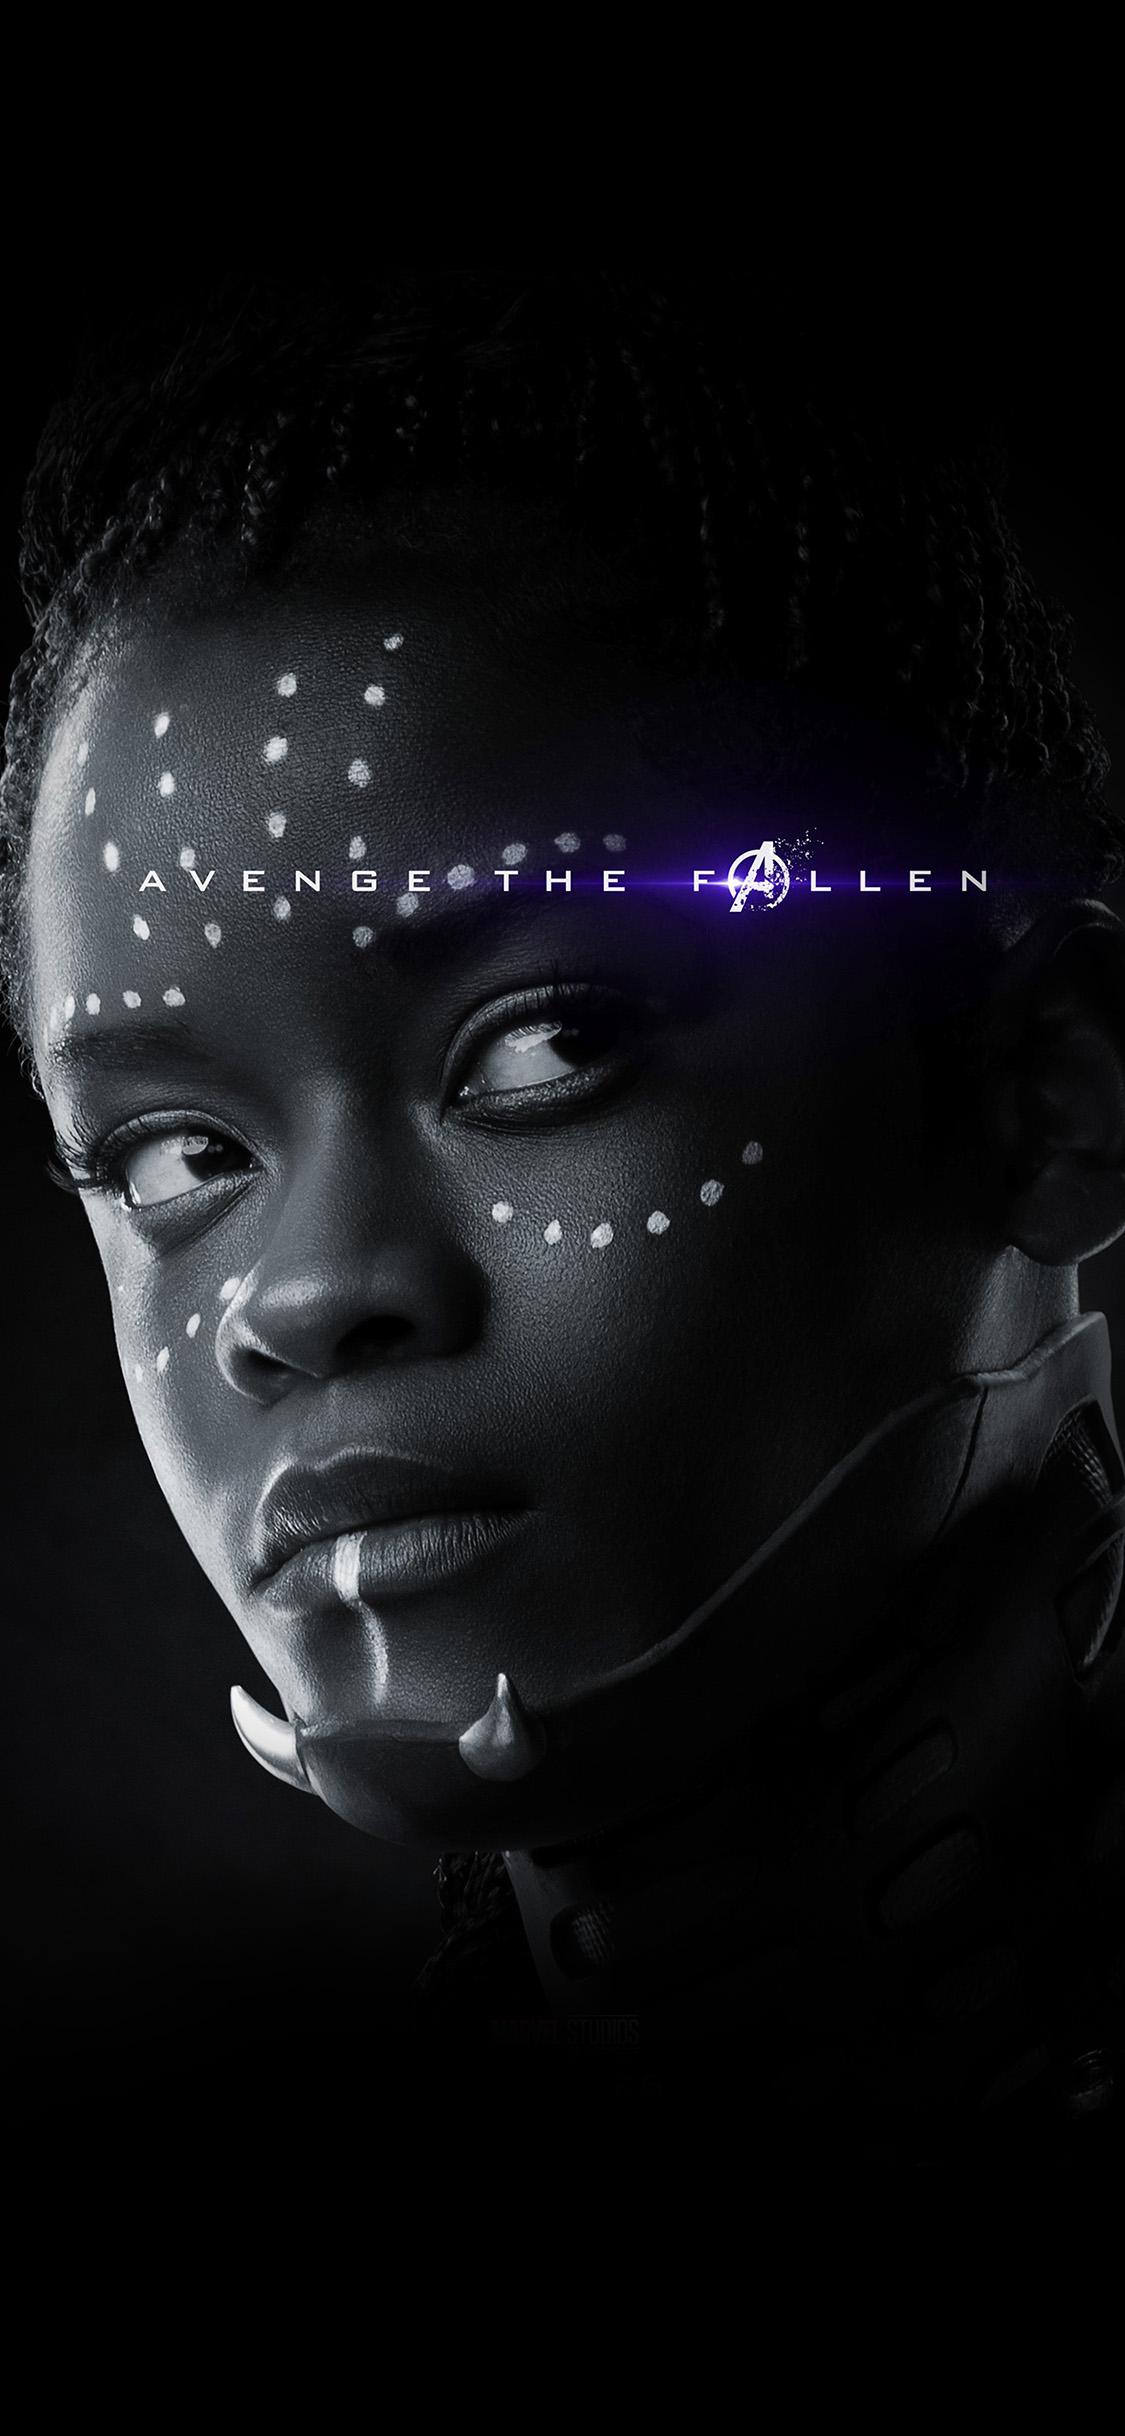 iPhonexpapers.com-Apple-iPhone-wallpaper-bi51-avengers-marvel-endgame-hero-bw-art-poster